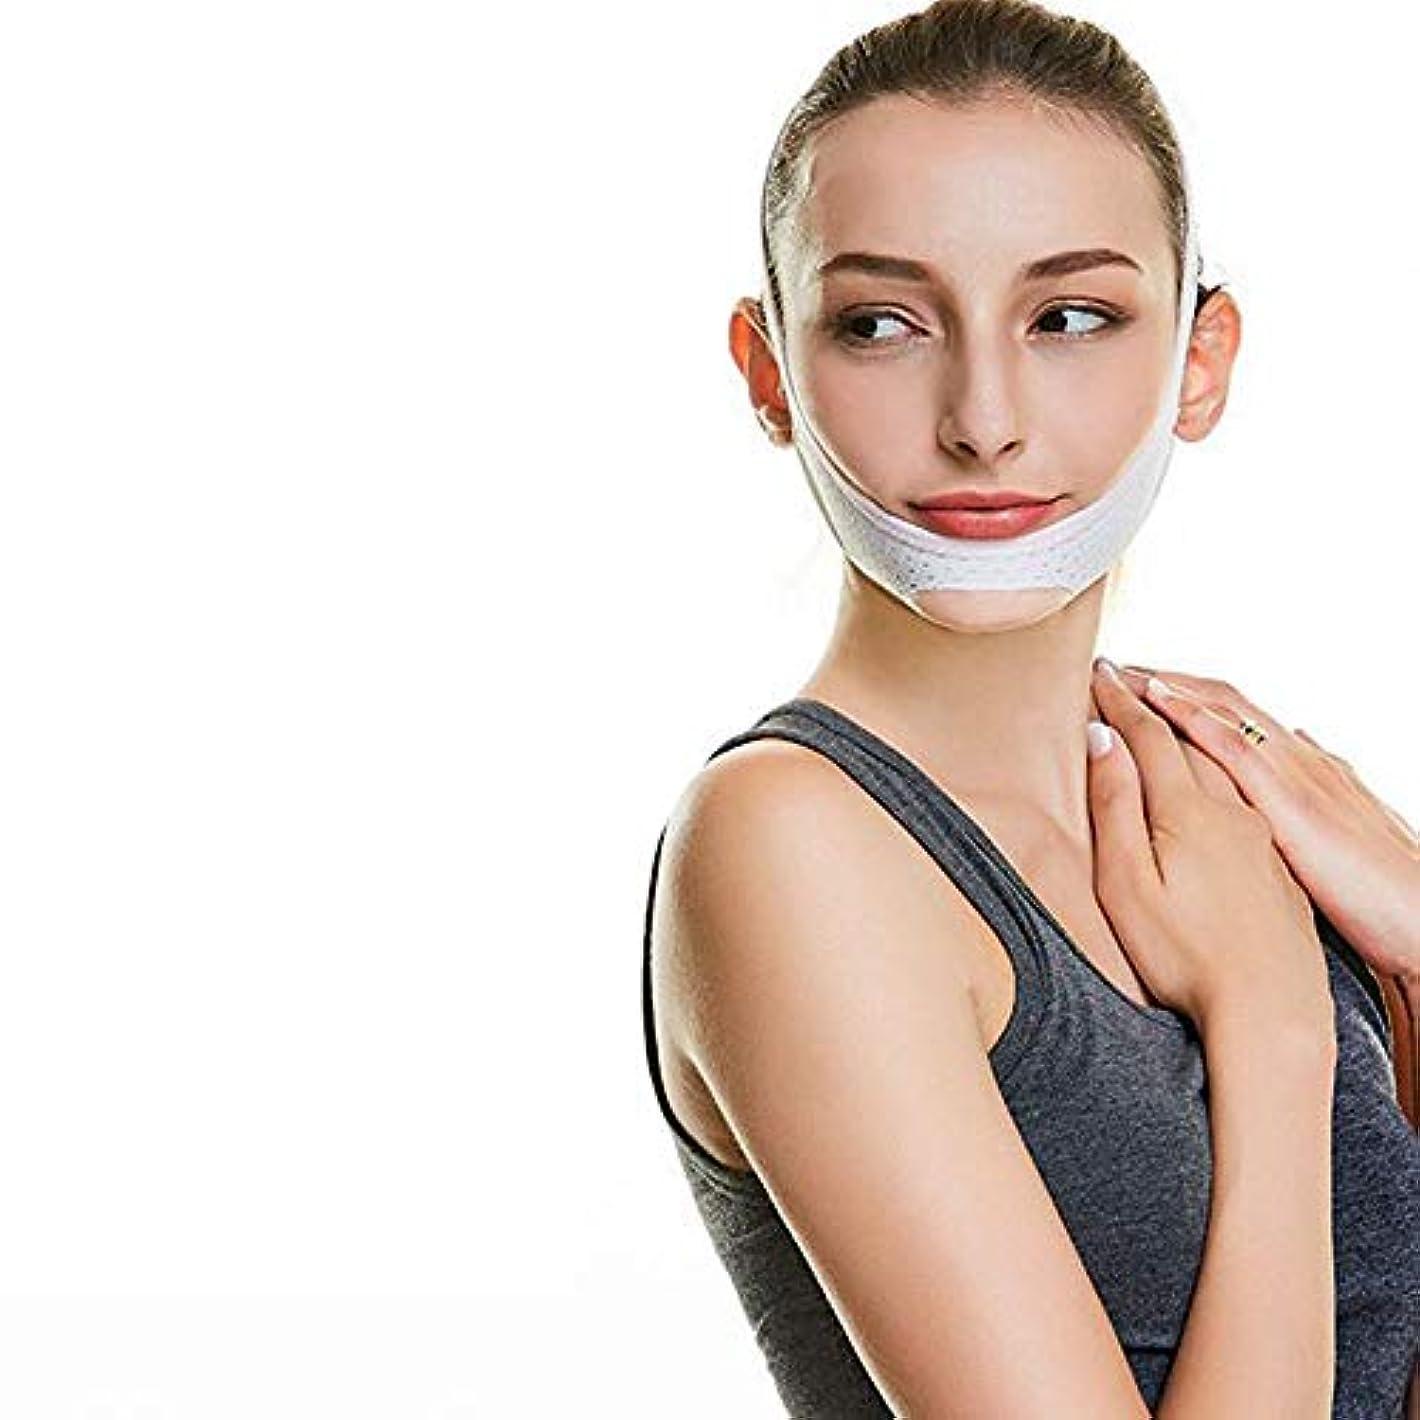 フロントメッシュダイバーVフェイスライン包帯、顎ほぐれ防止防シワマスク極薄ベルト/ダブルチンフェイスタイプアライナ(ホワイト)